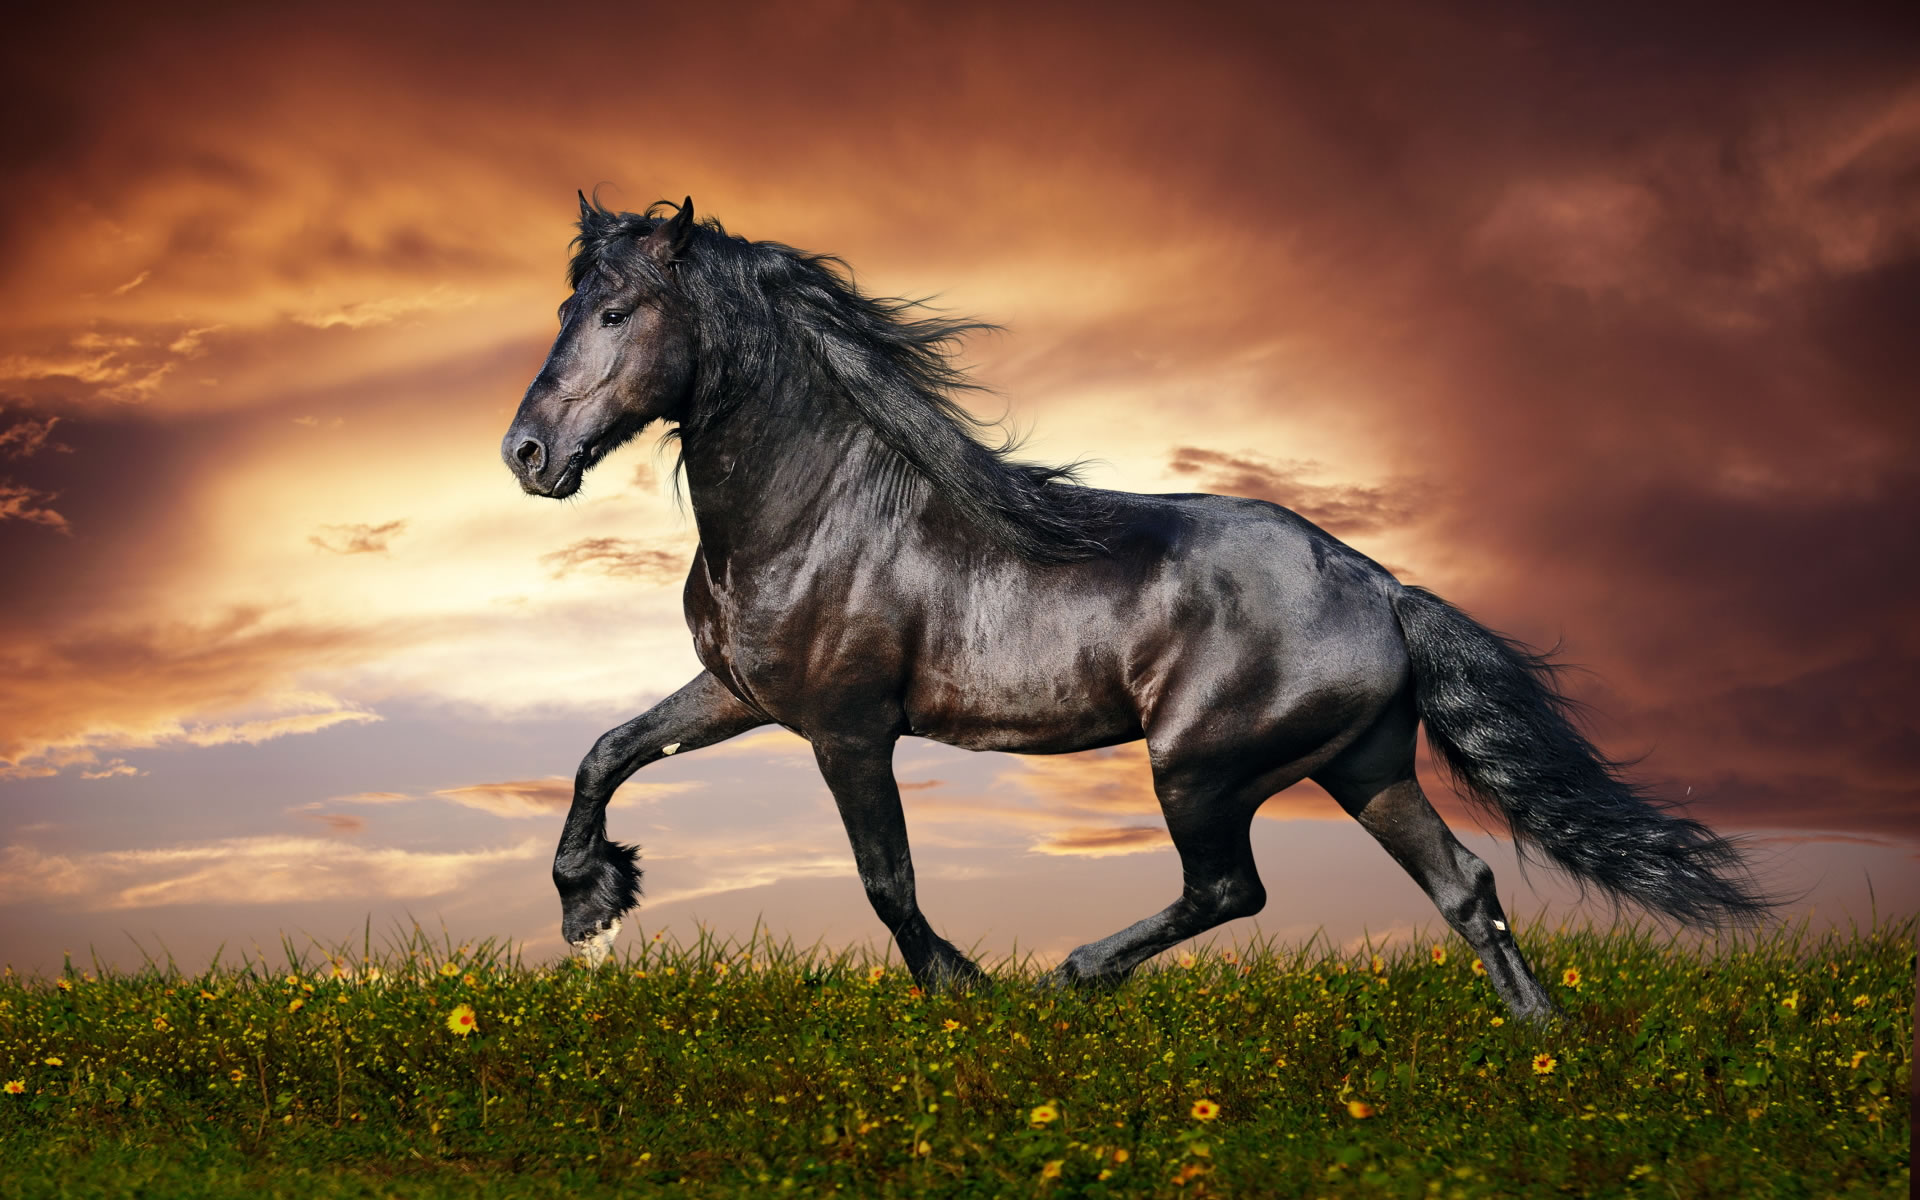 download wallpaper: paard in het veld wallpaper